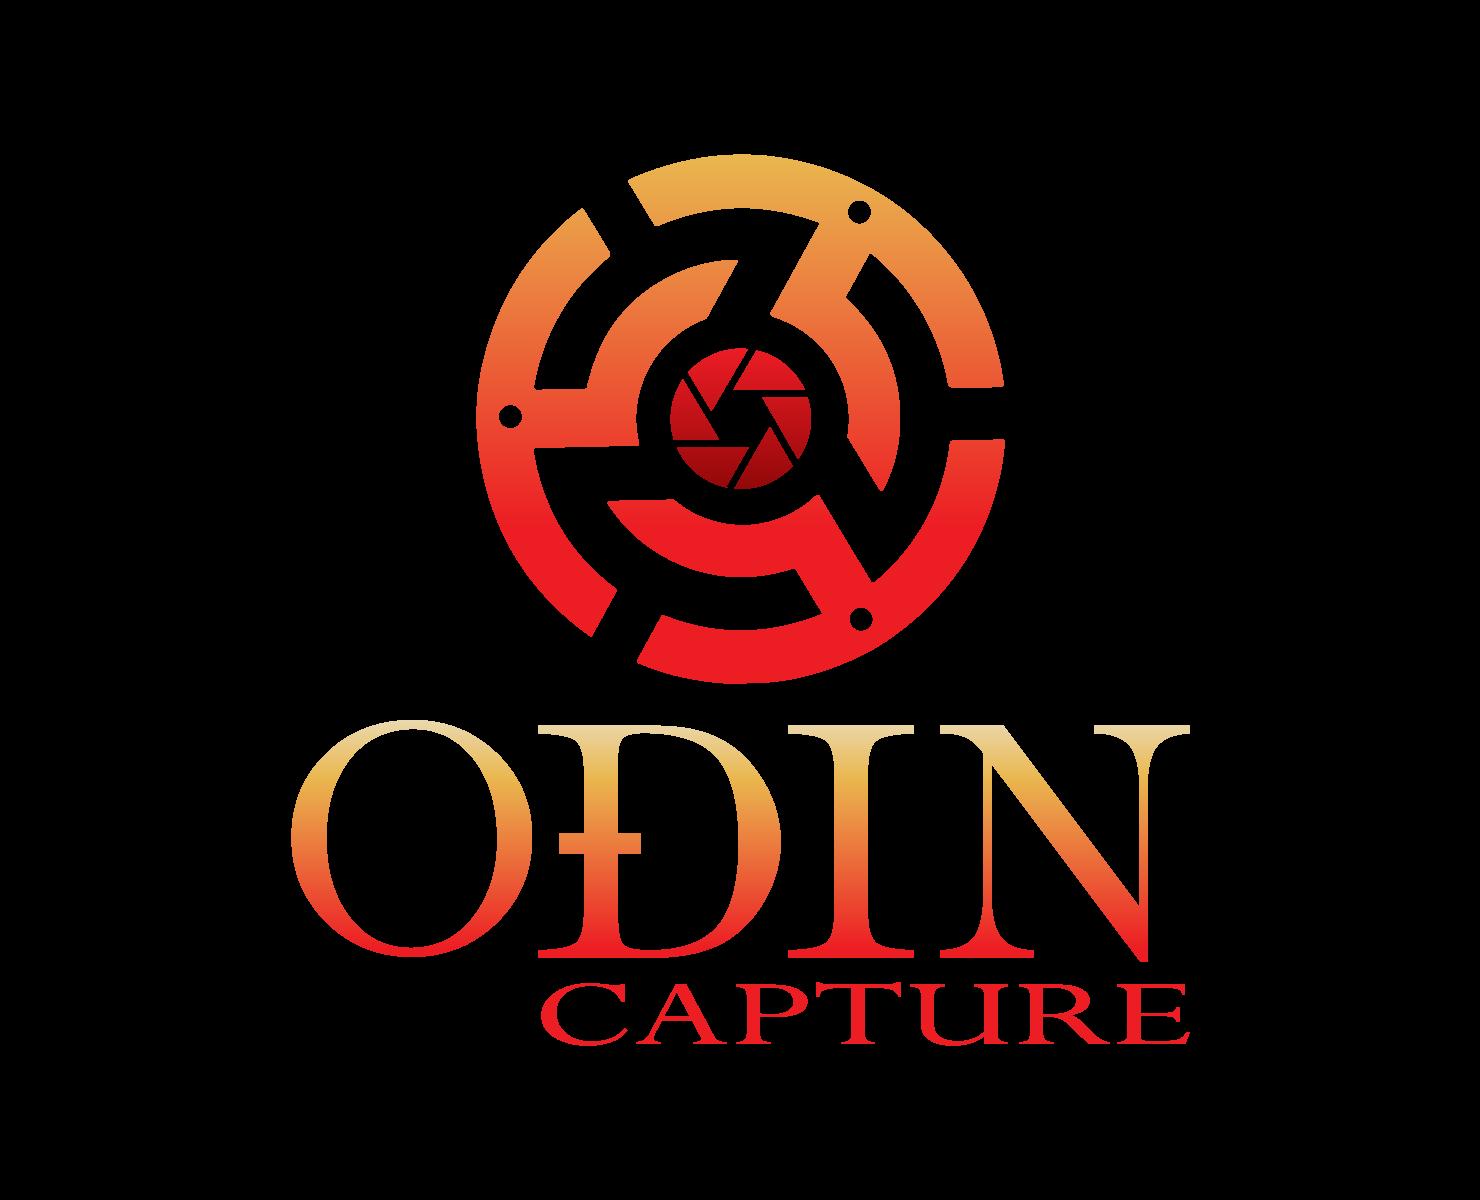 ODIN Capture (Vert).png